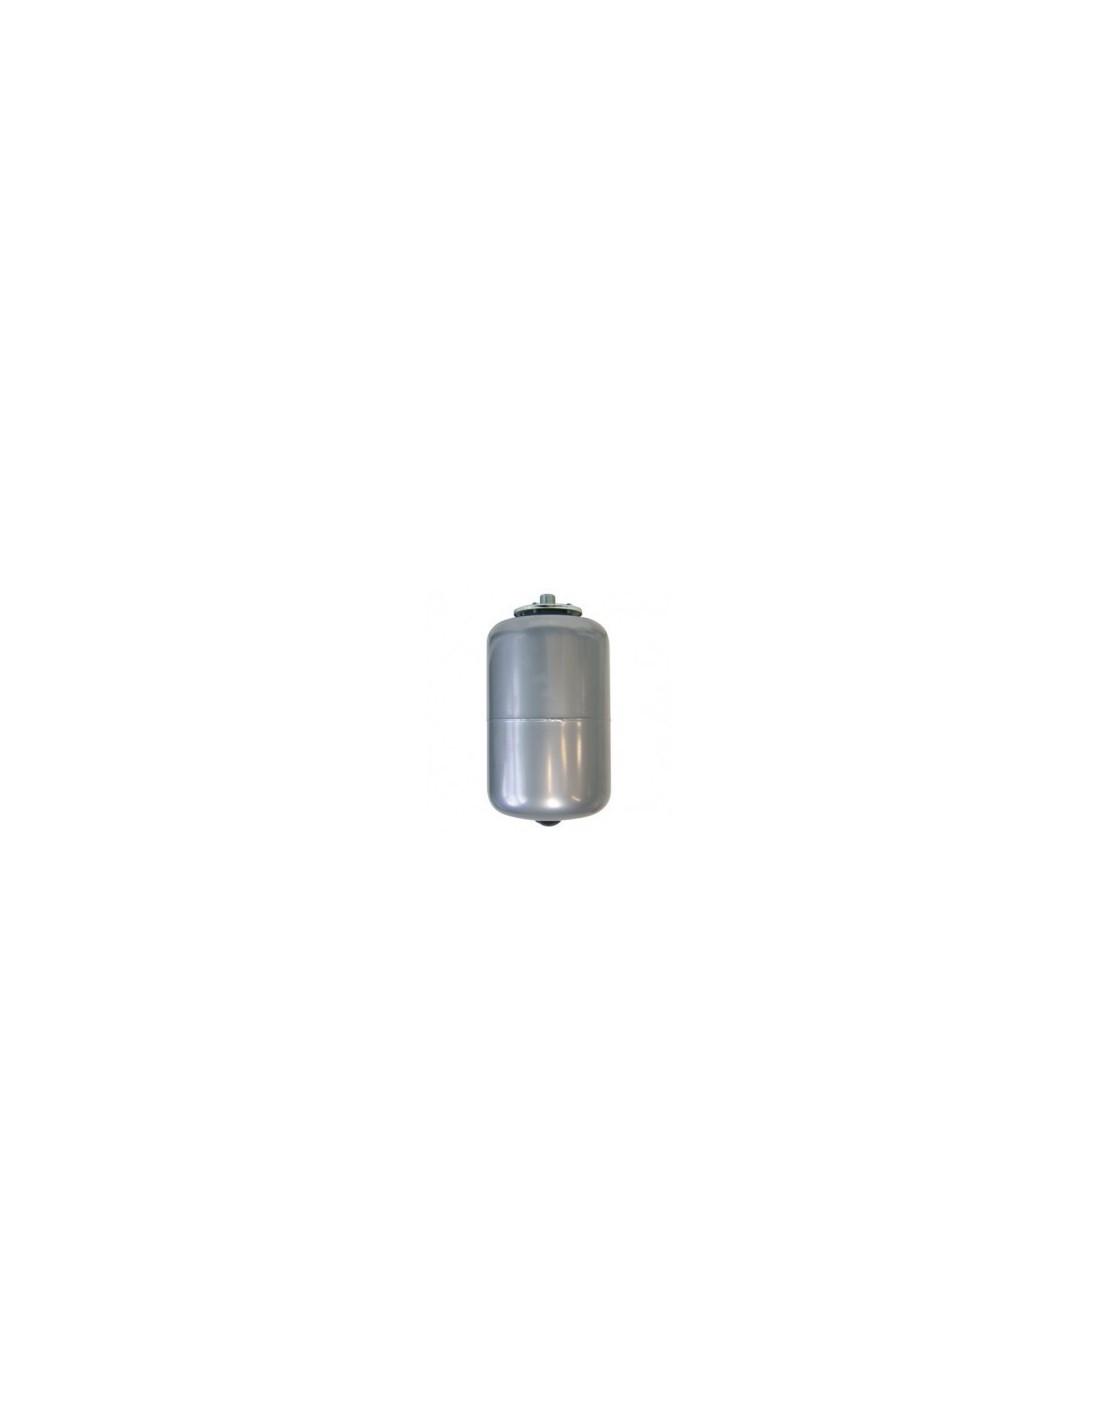 vase d 39 expansion pour eau chaude sanitaire a vessie capacit 5 litres pour chauffe eau 75 litres. Black Bedroom Furniture Sets. Home Design Ideas